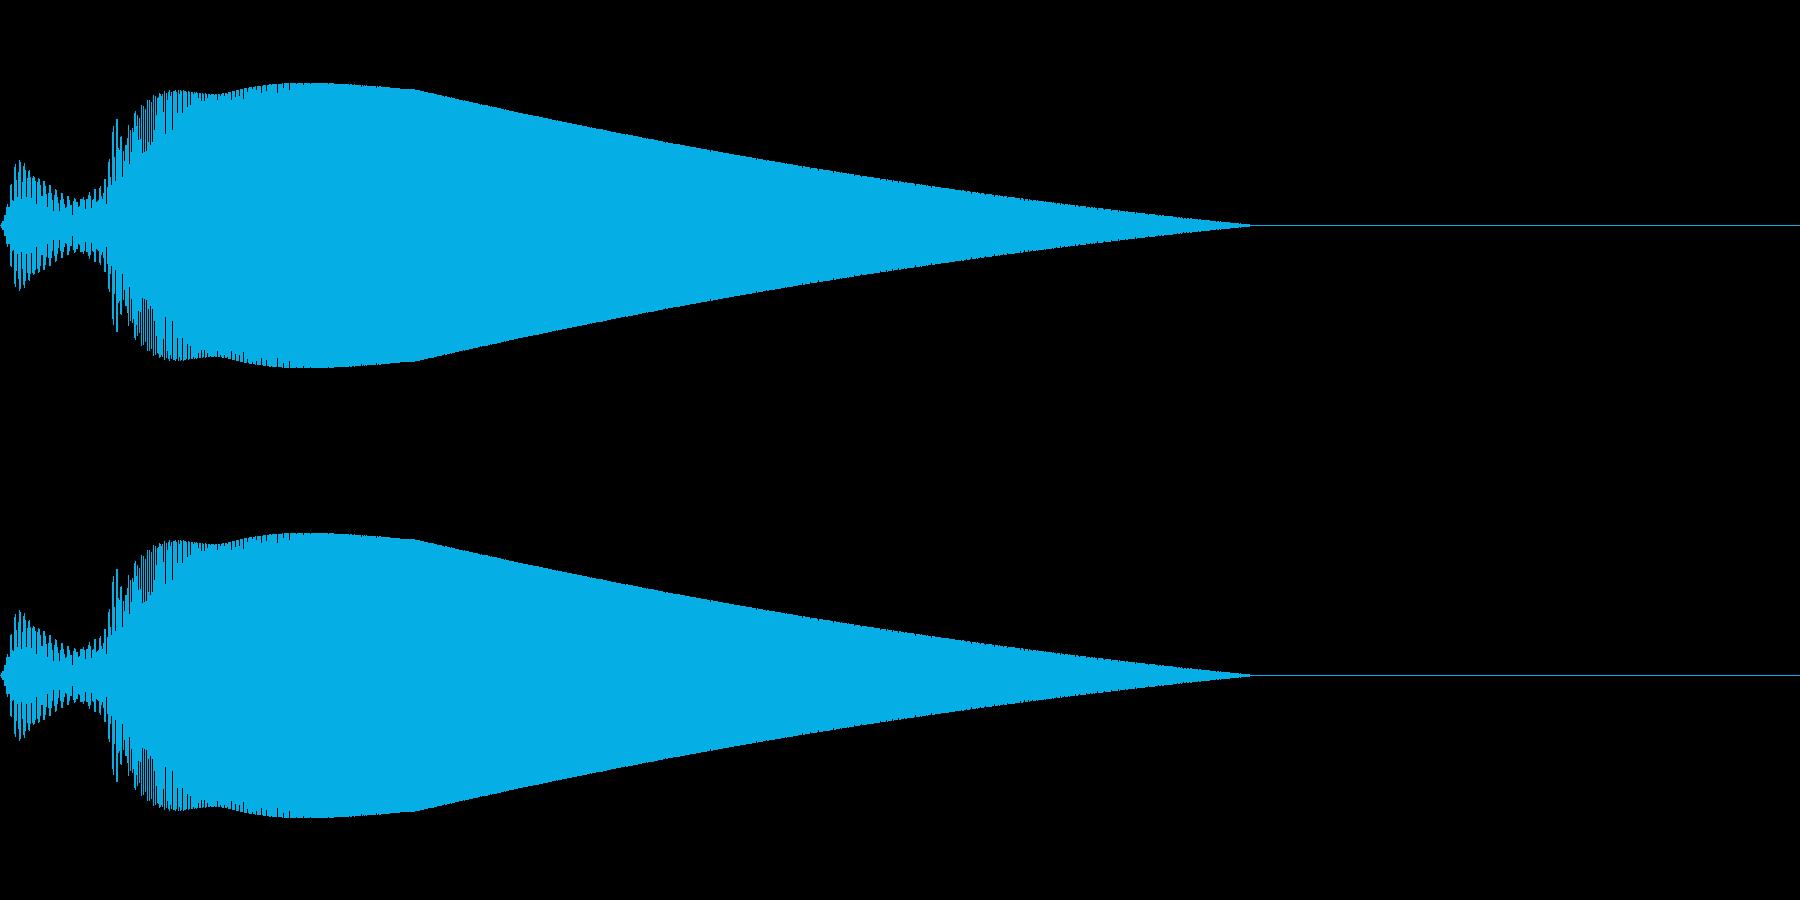 【ピヨーン】ファミコン系ジャンプ音_02の再生済みの波形